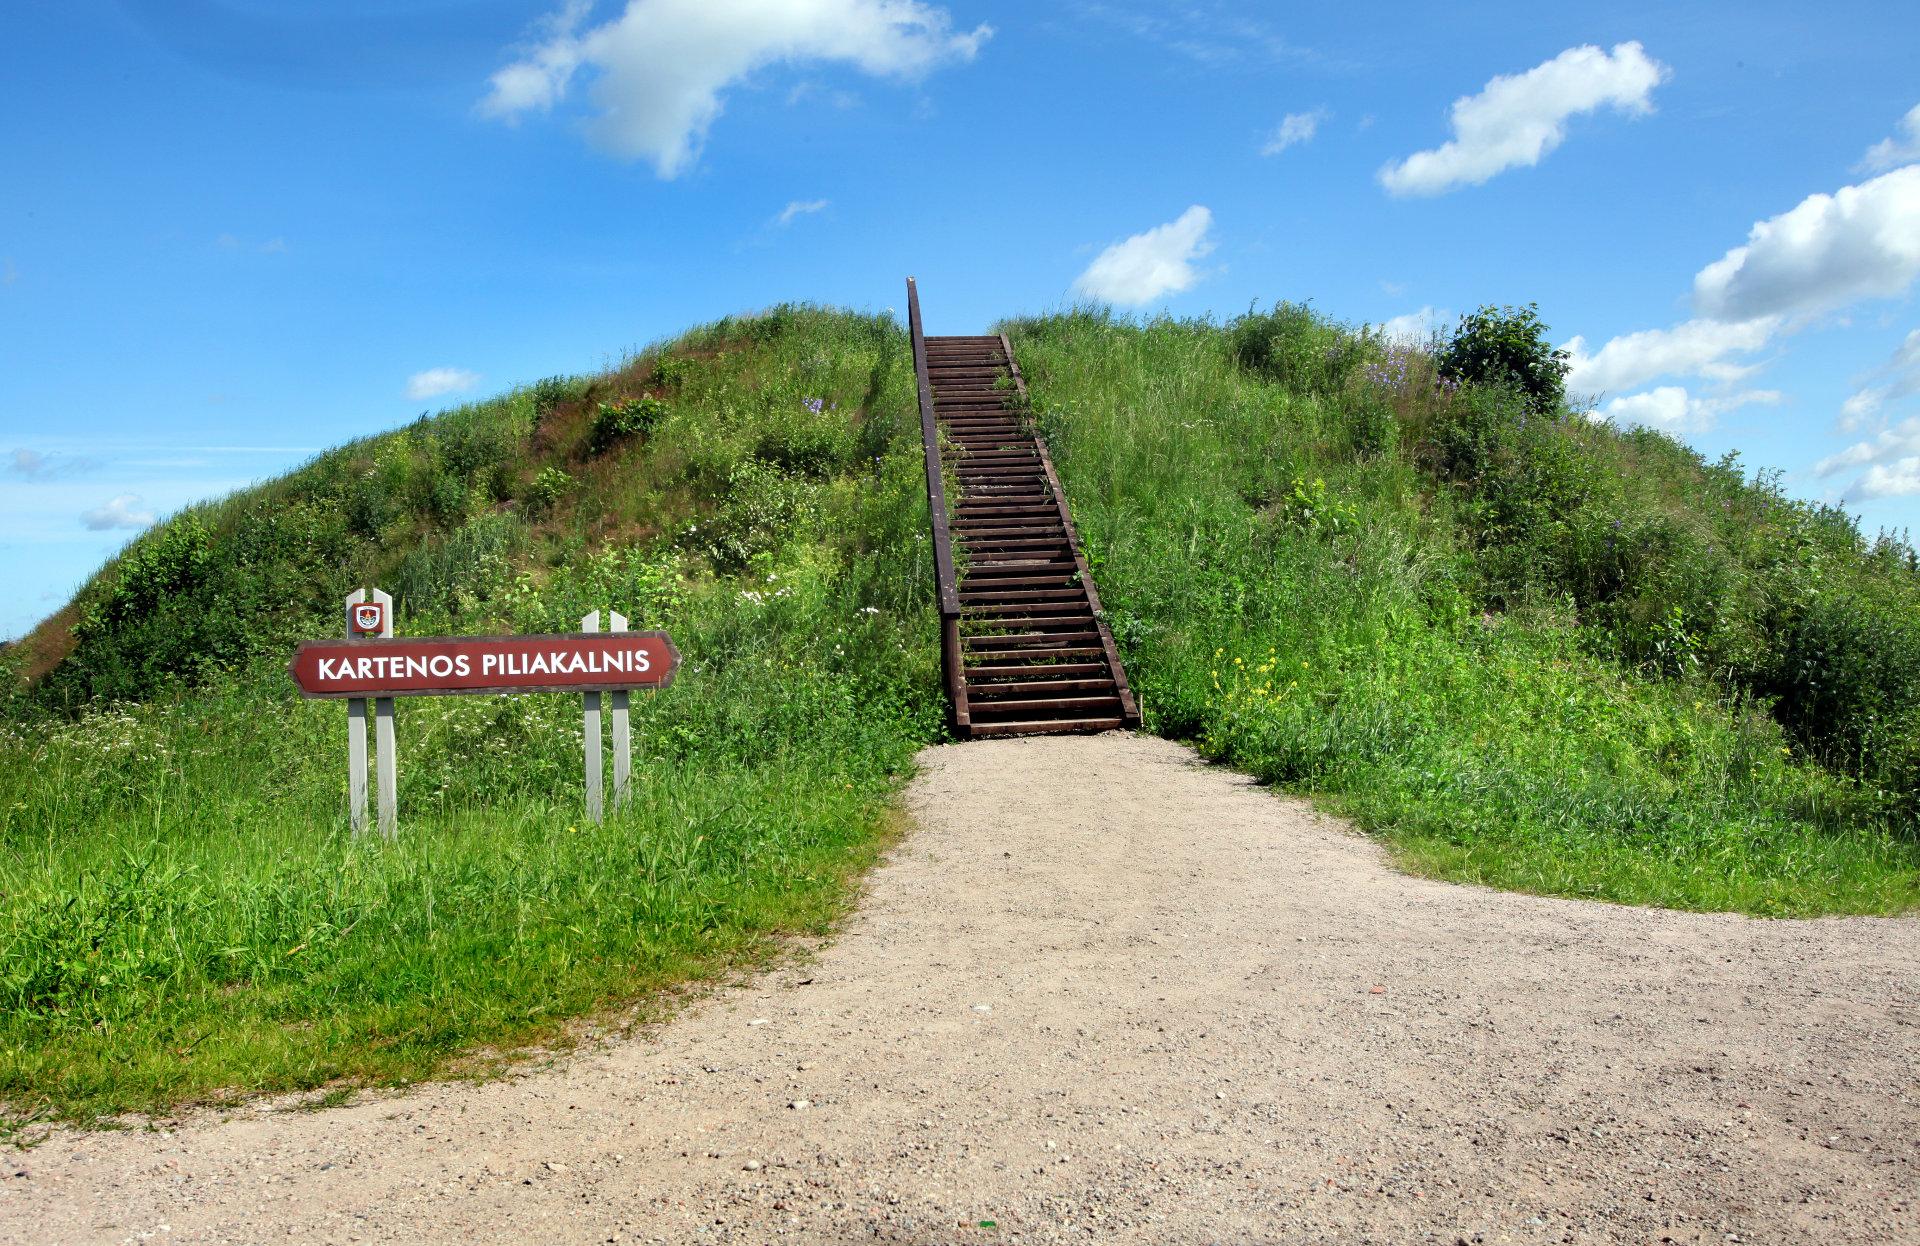 Kartenos Piliakalnis Salantu Regioninis Parkas.Ka Galima Pamatyti Kretingos Kraste 9 įdomus Objektai Ir